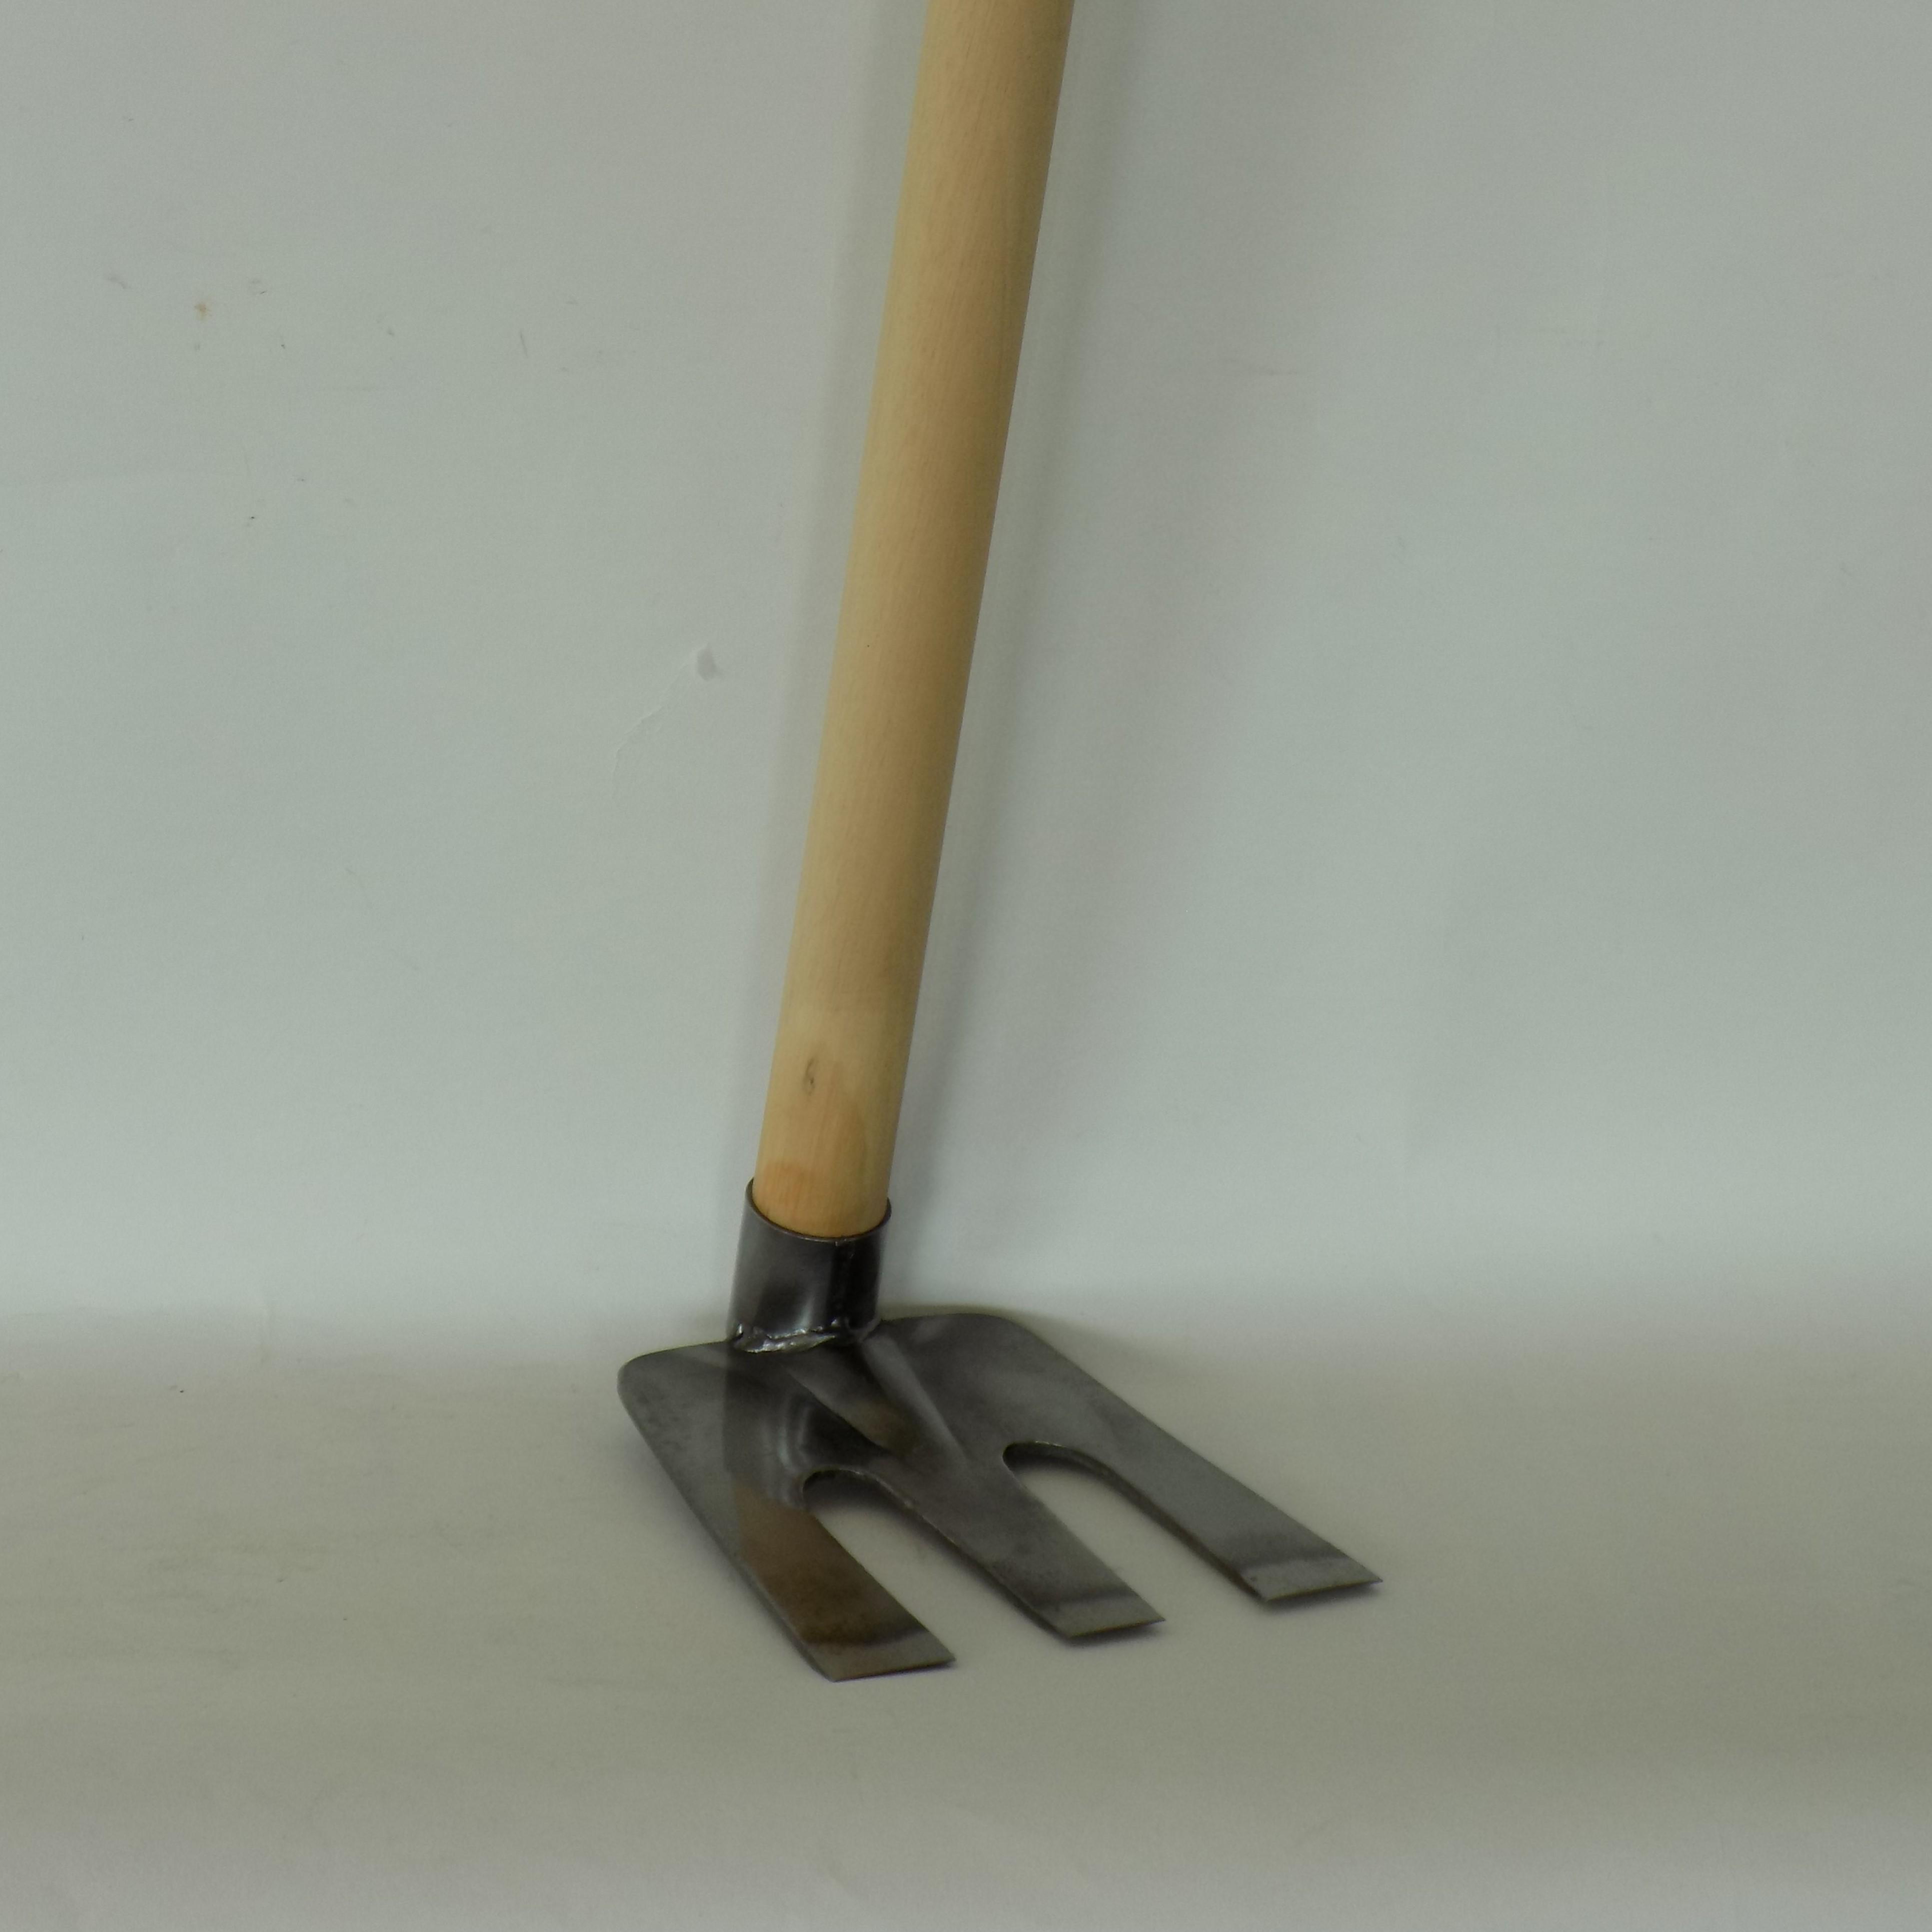 職人おすすめの鍬 【オールマイティ備中鍬 ステンレス】平成で人気の家庭菜園用鍬